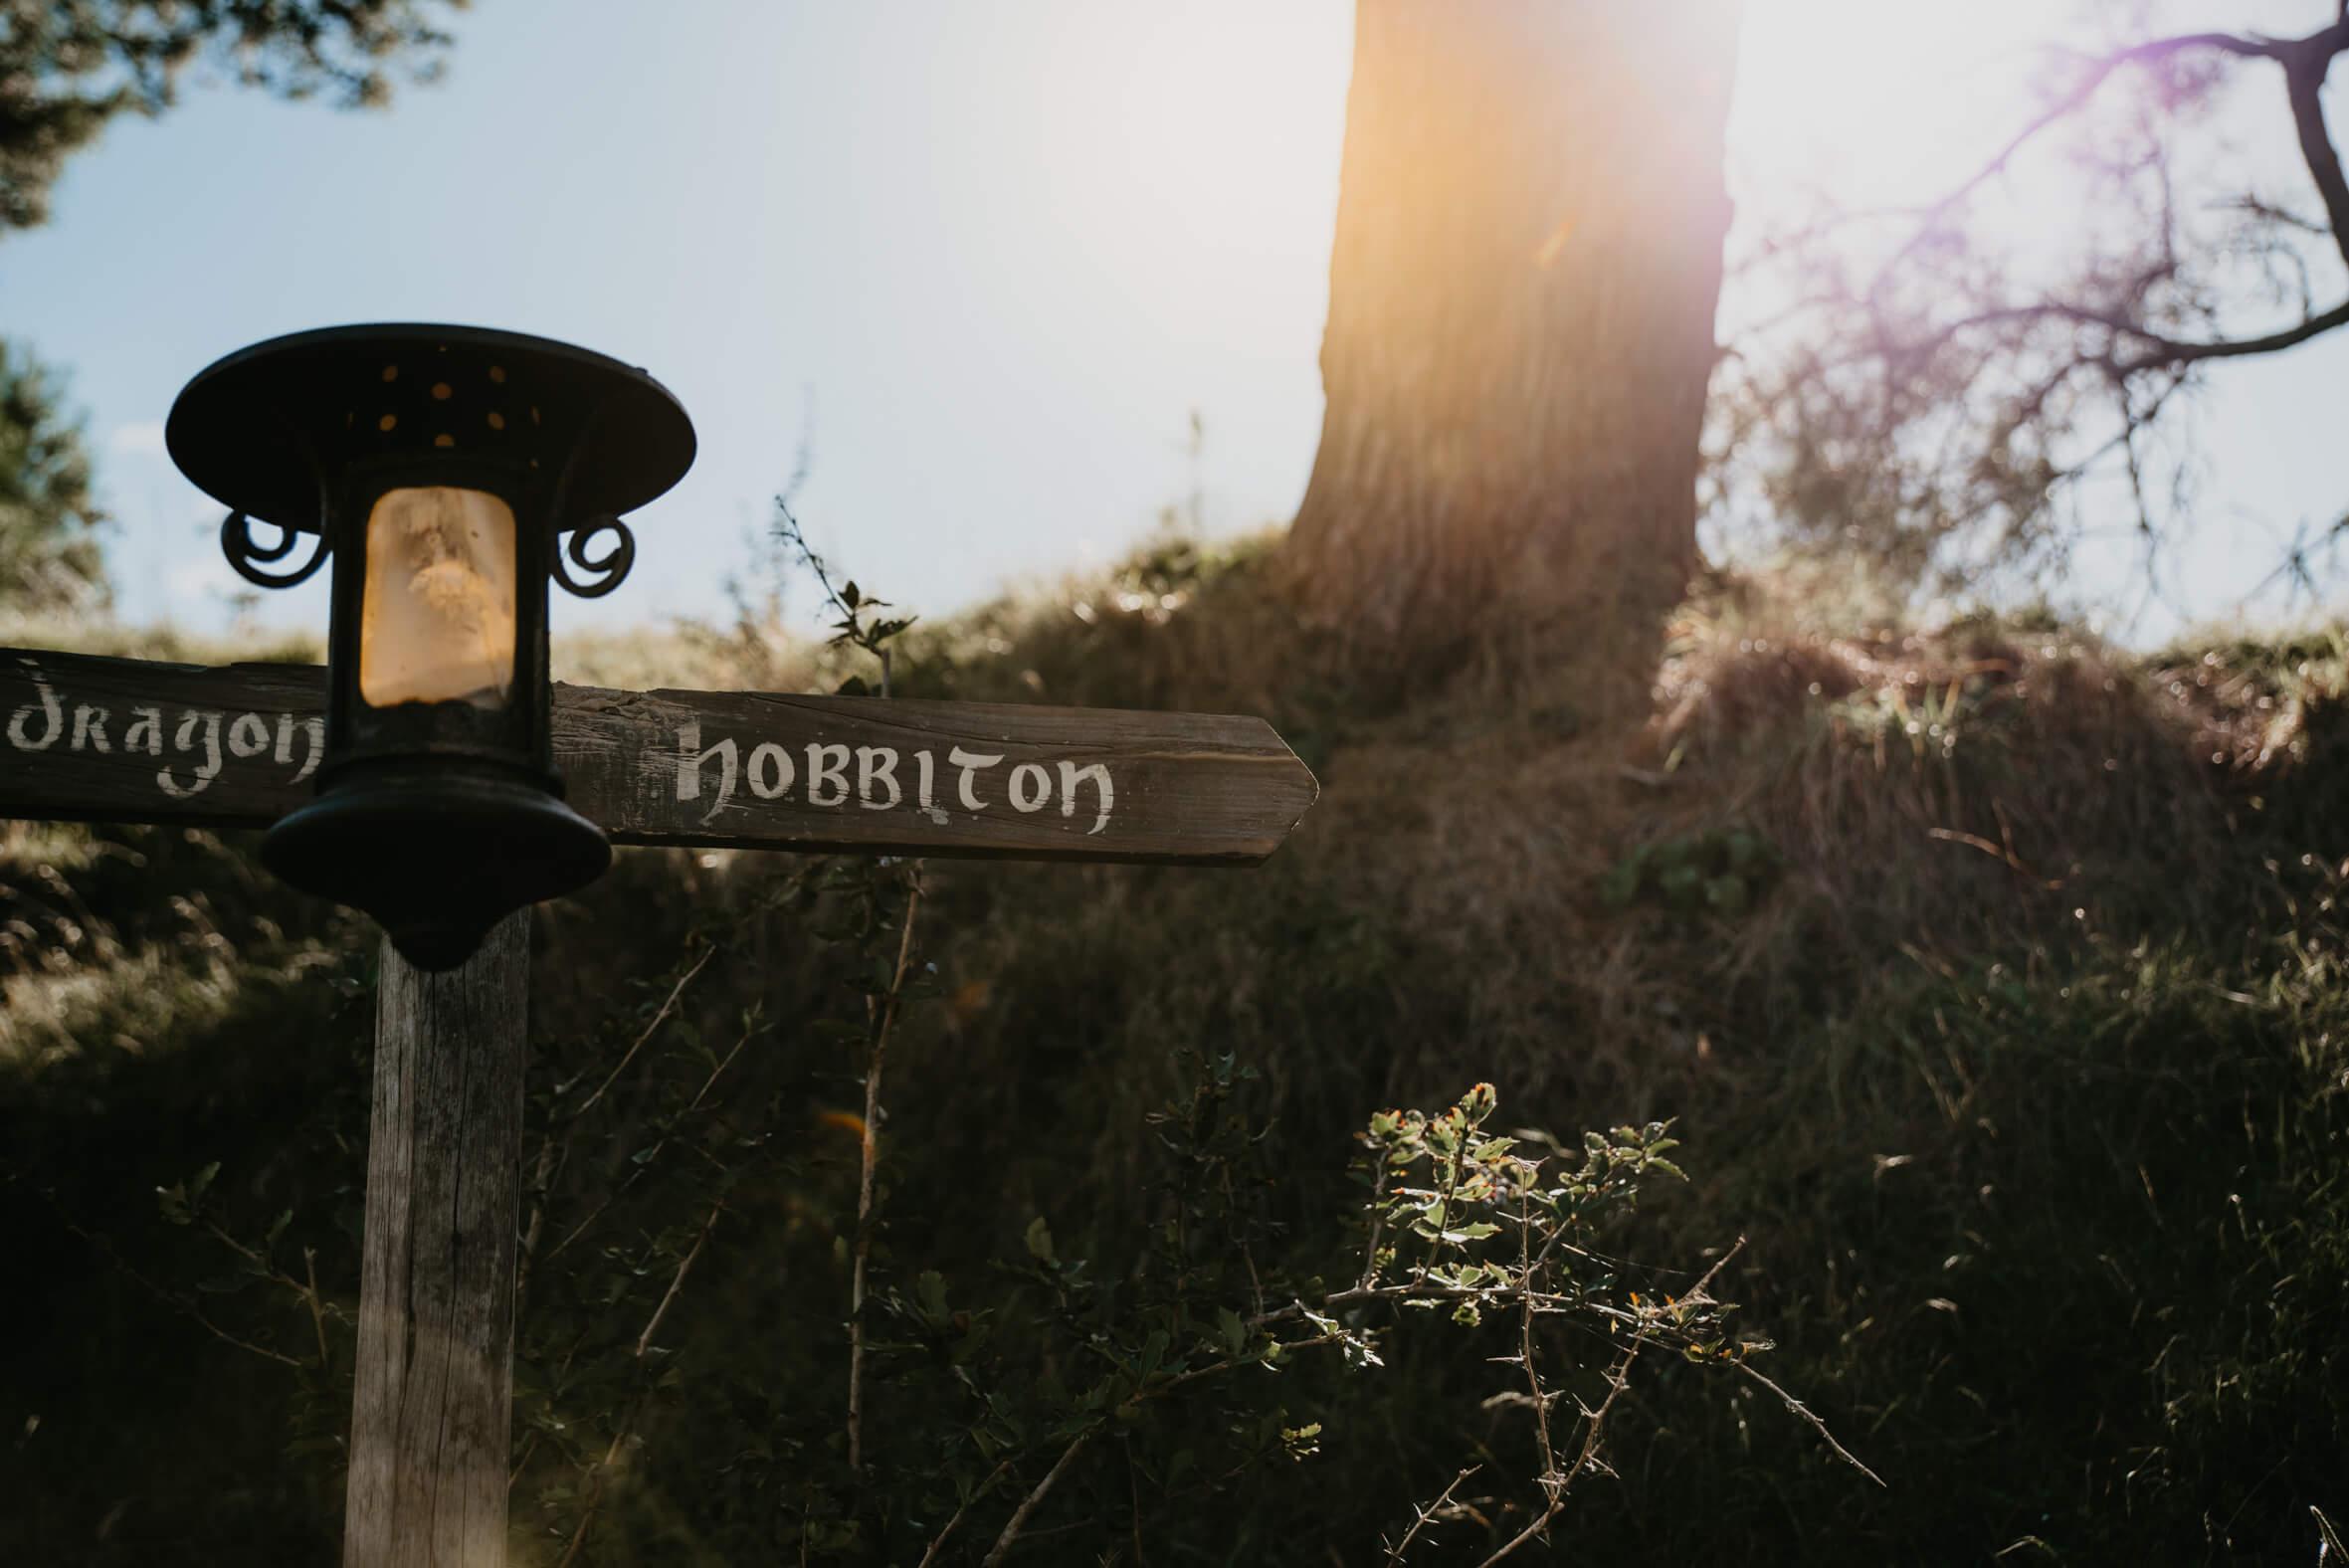 hobbiton-3.jpg